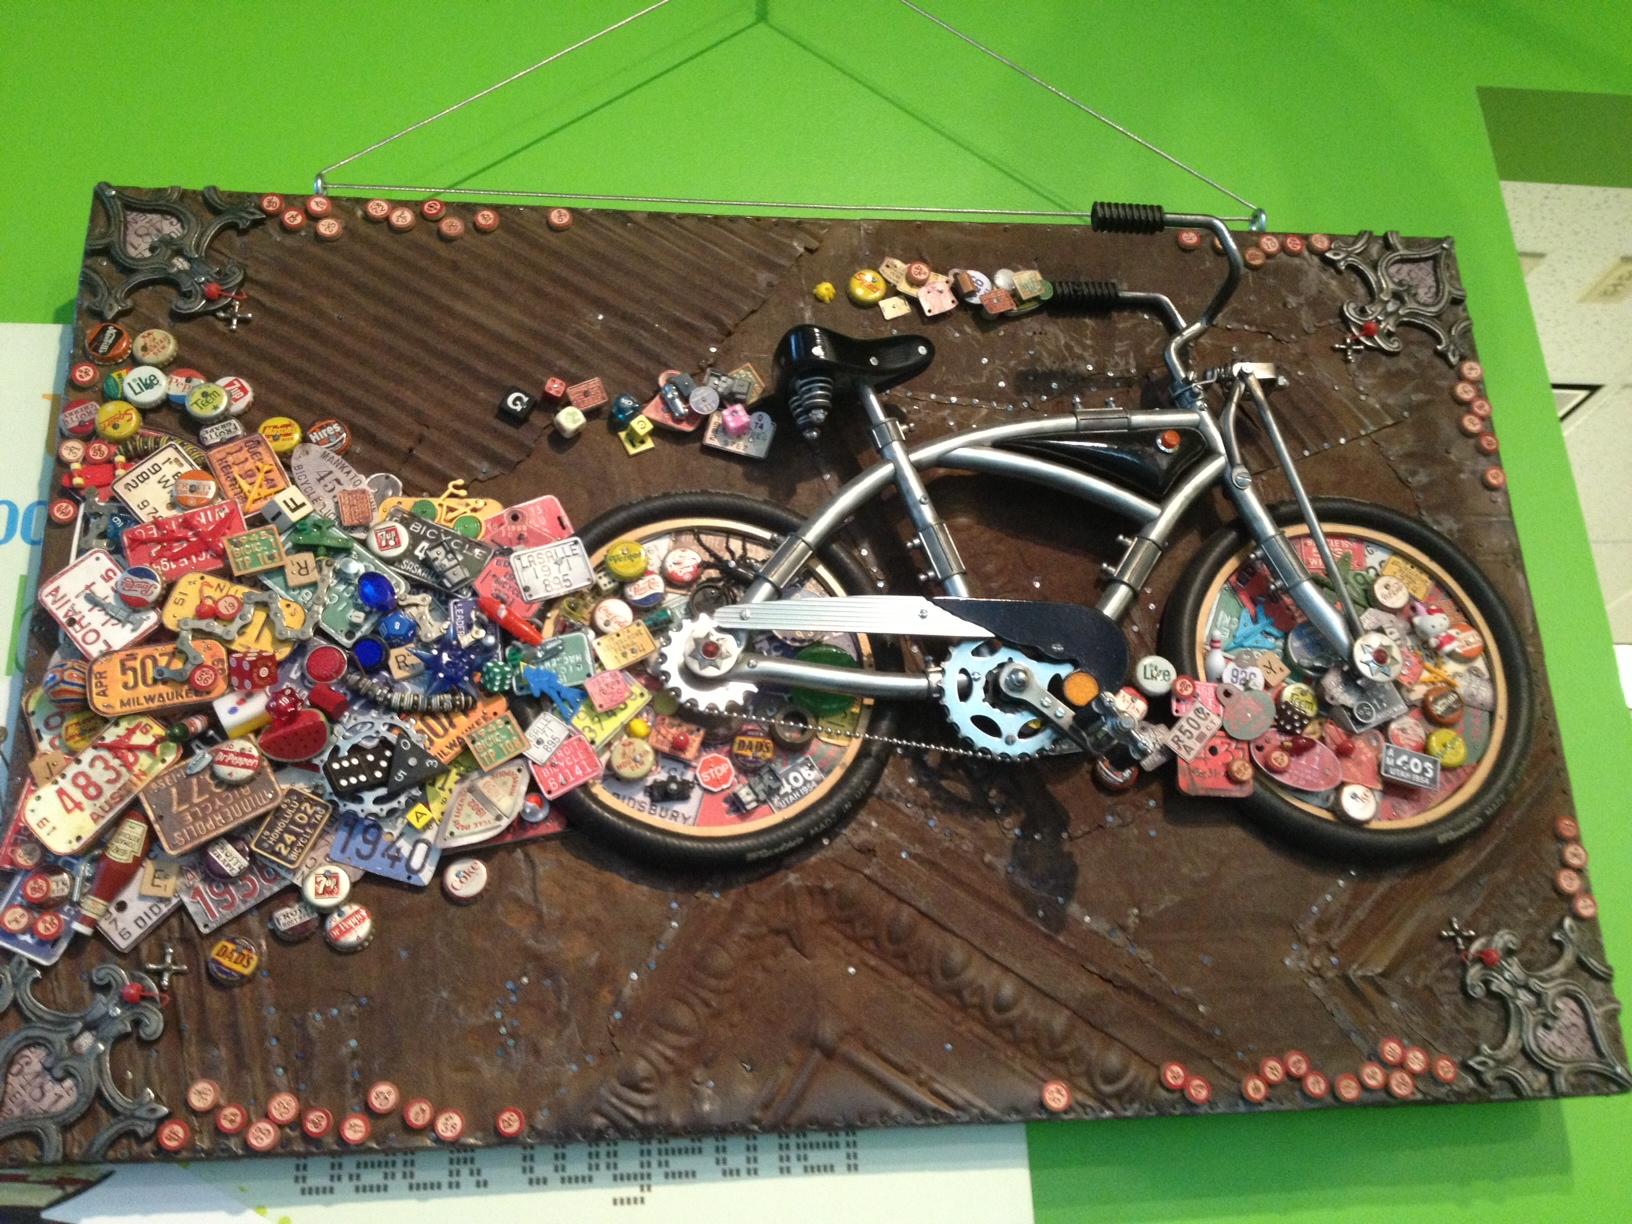 http://www.stapletondenver.com/wp-content/uploads/Stapleton_Bike_Sculpture_0.jpg